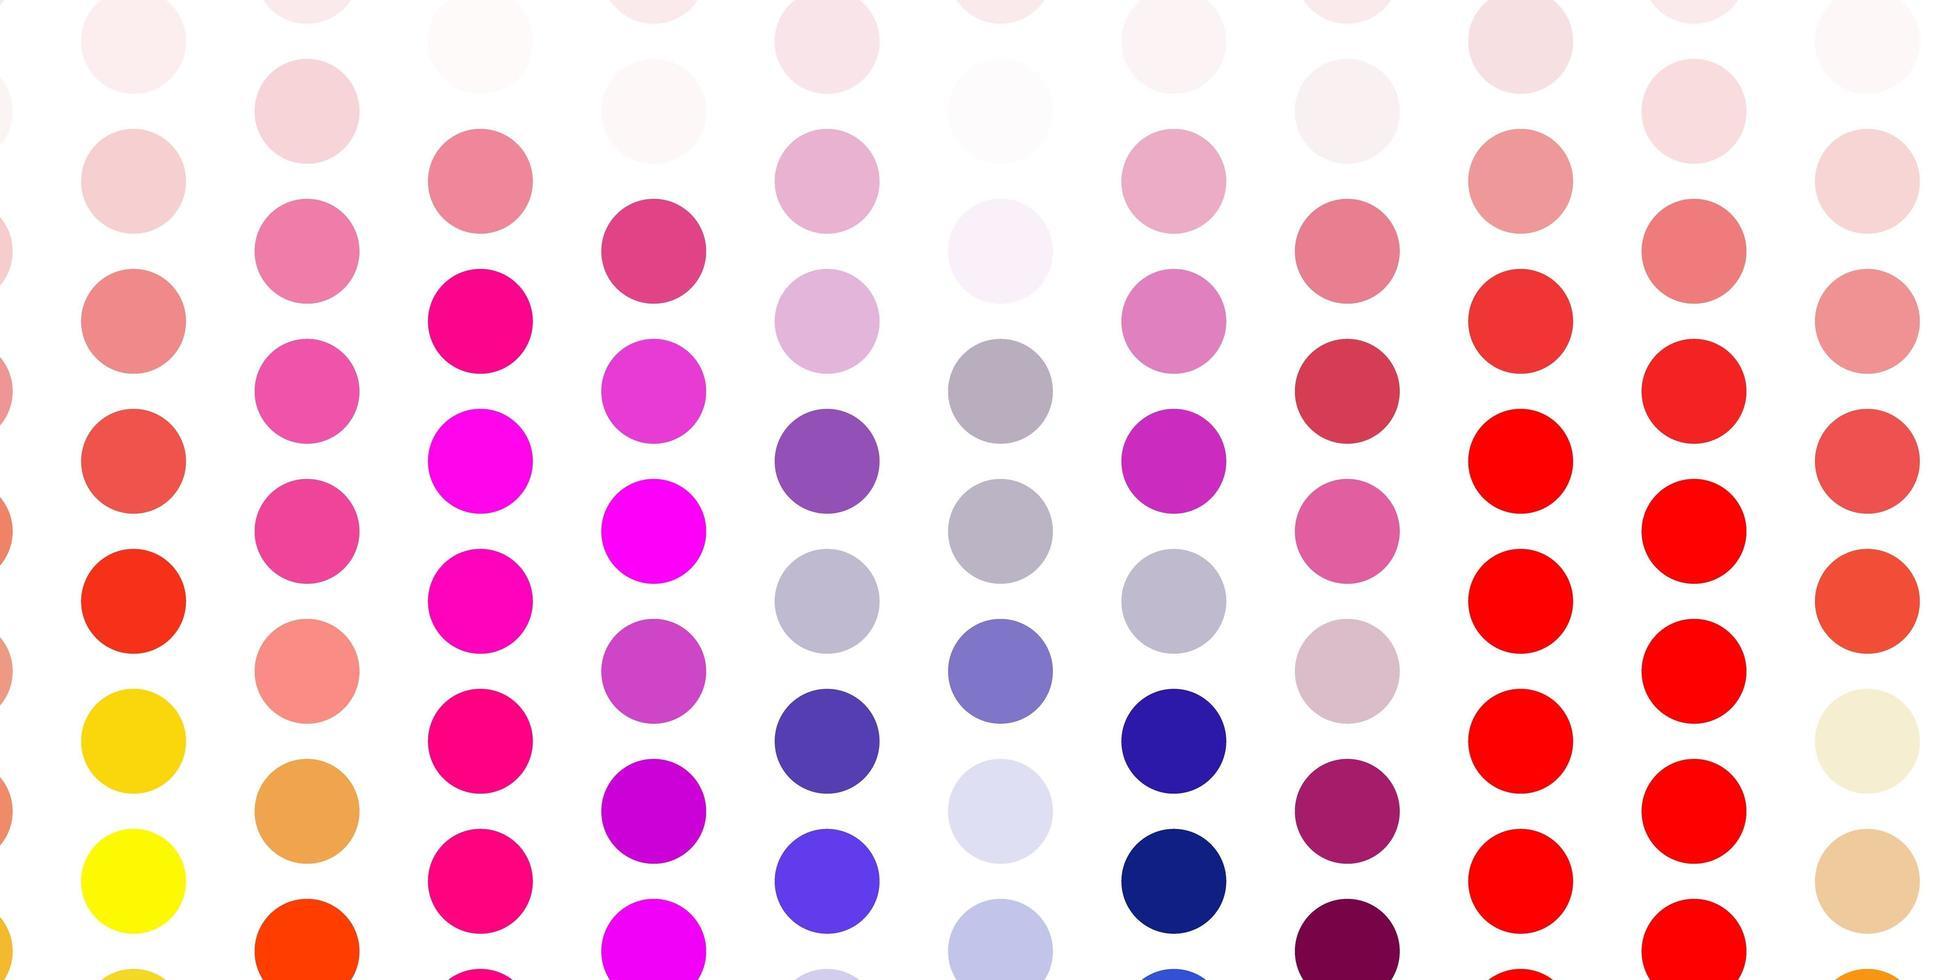 licht veelkleurige vectorlay-out met cirkelvormen. vector